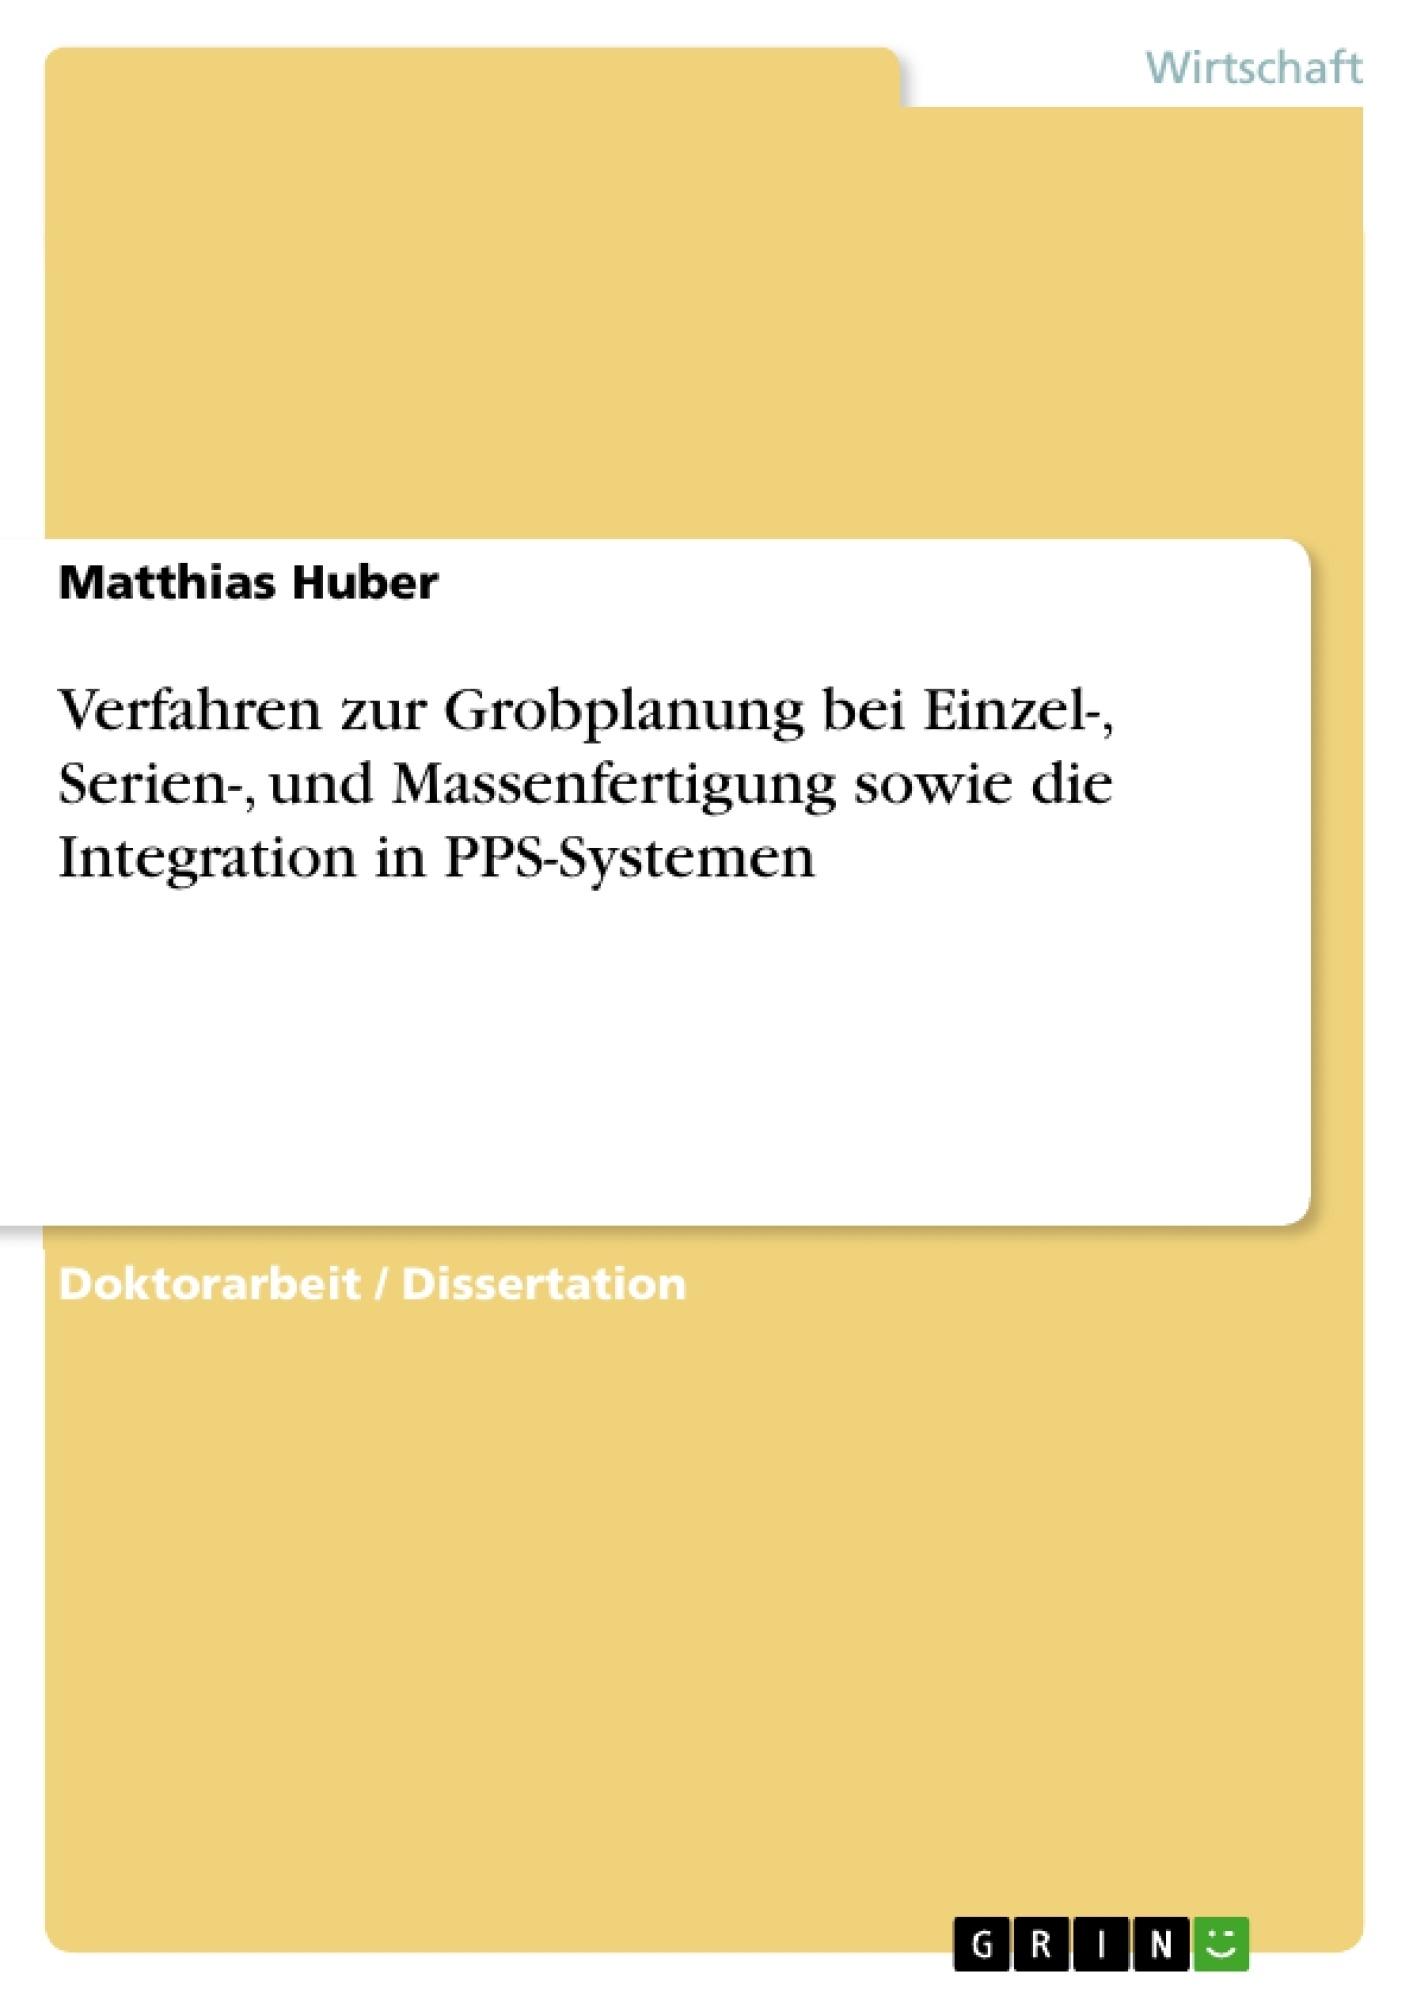 Titel: Verfahren zur Grobplanung bei Einzel-, Serien-, und Massenfertigung sowie die Integration in PPS-Systemen